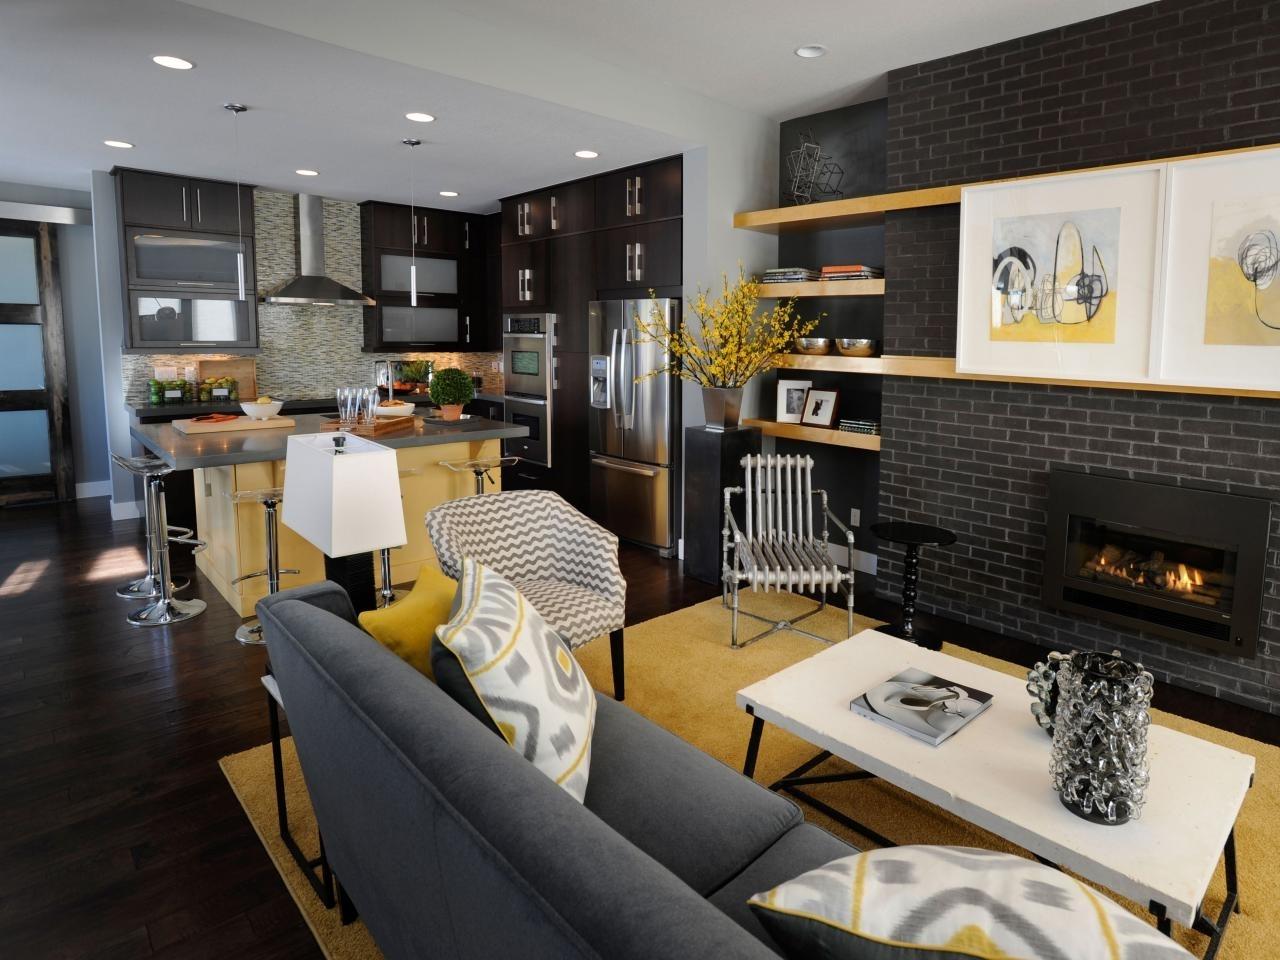 Дизайн кухни гостиной с яркими акцентами